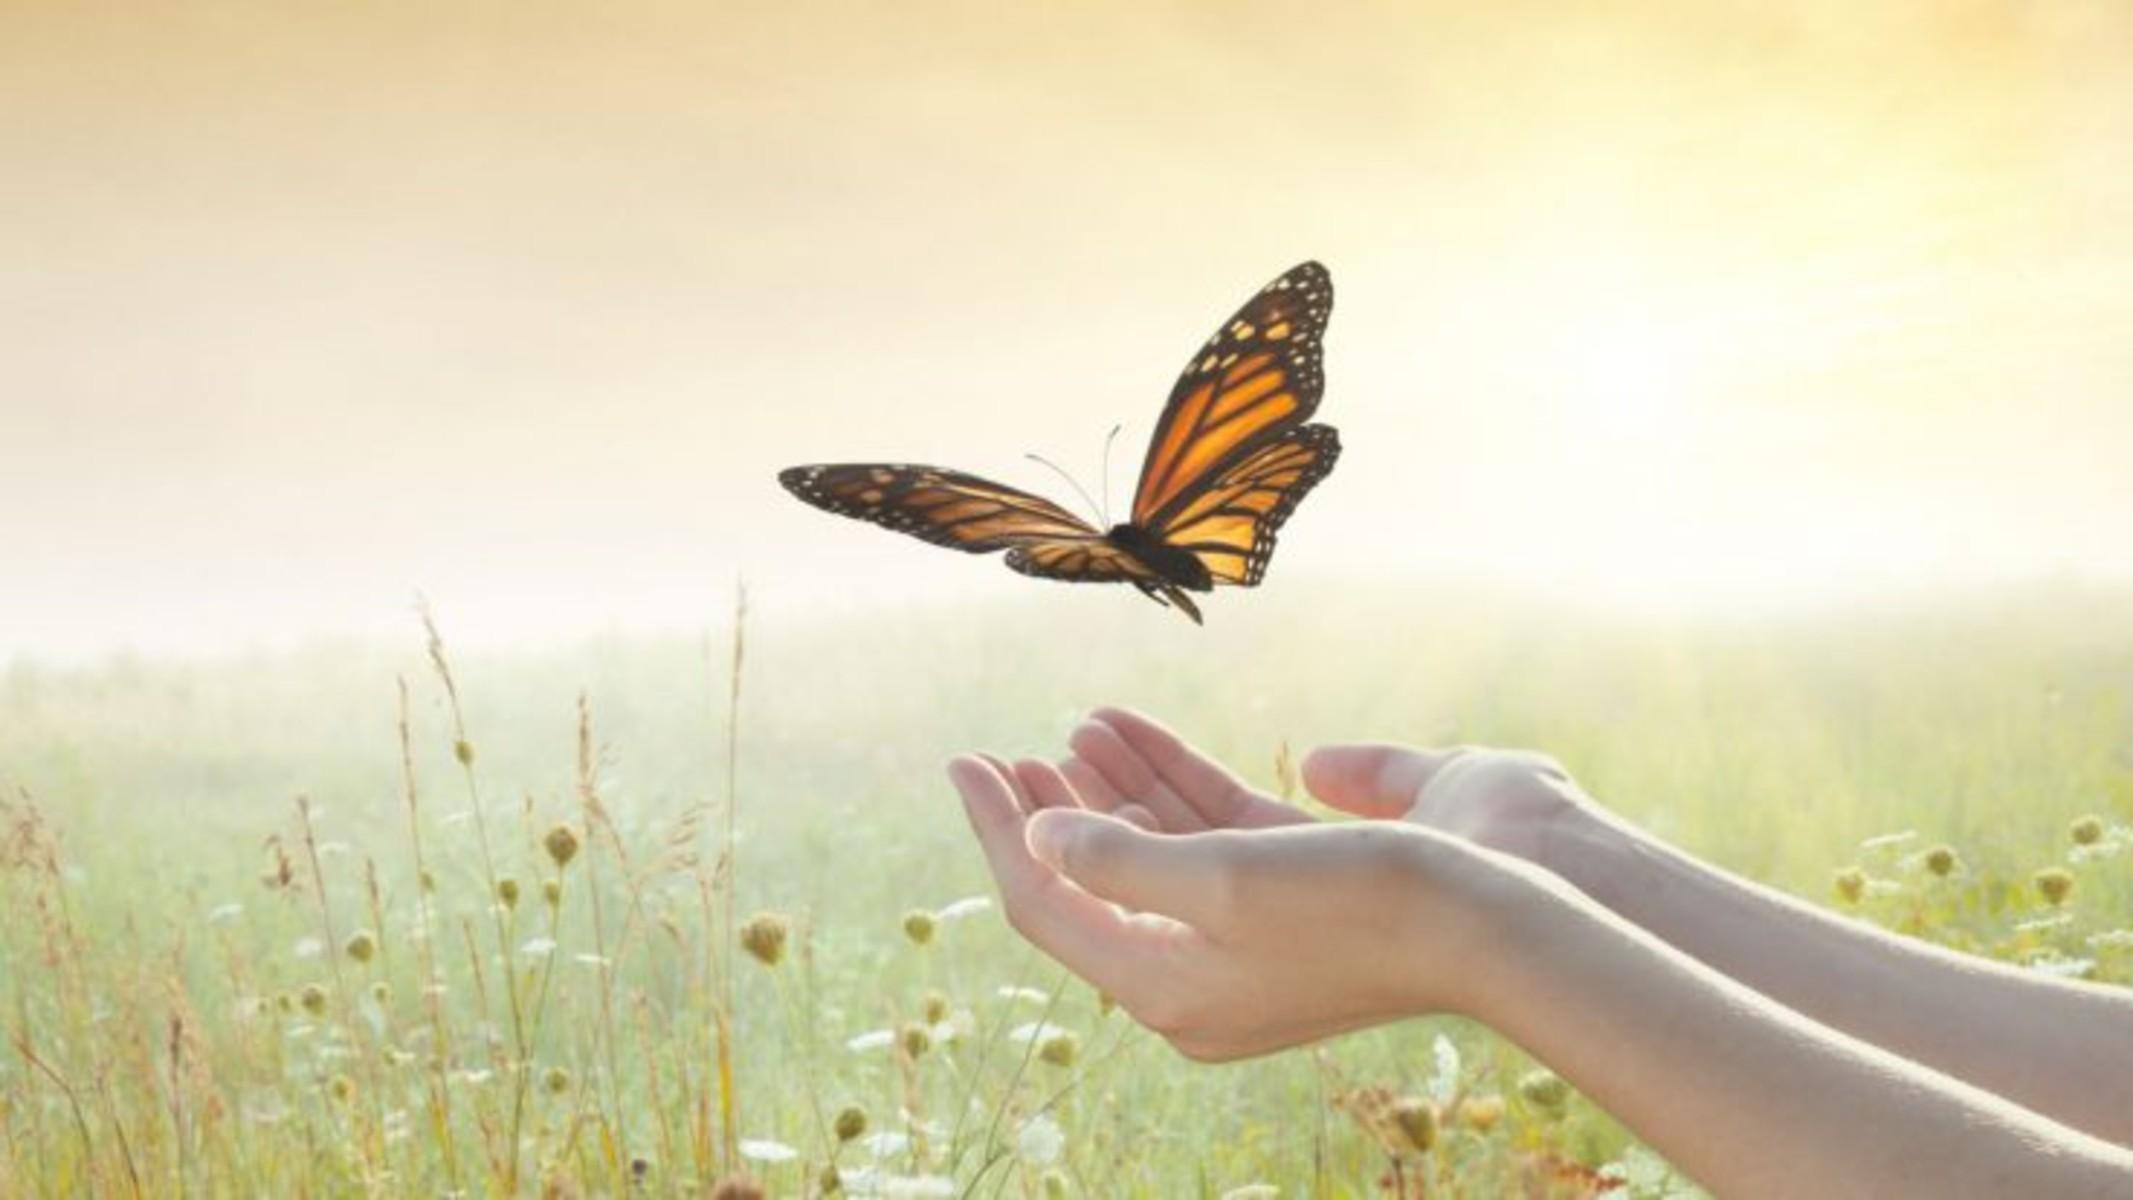 Αυτοφροντίδα: Συναισθηματική αναγέννηση